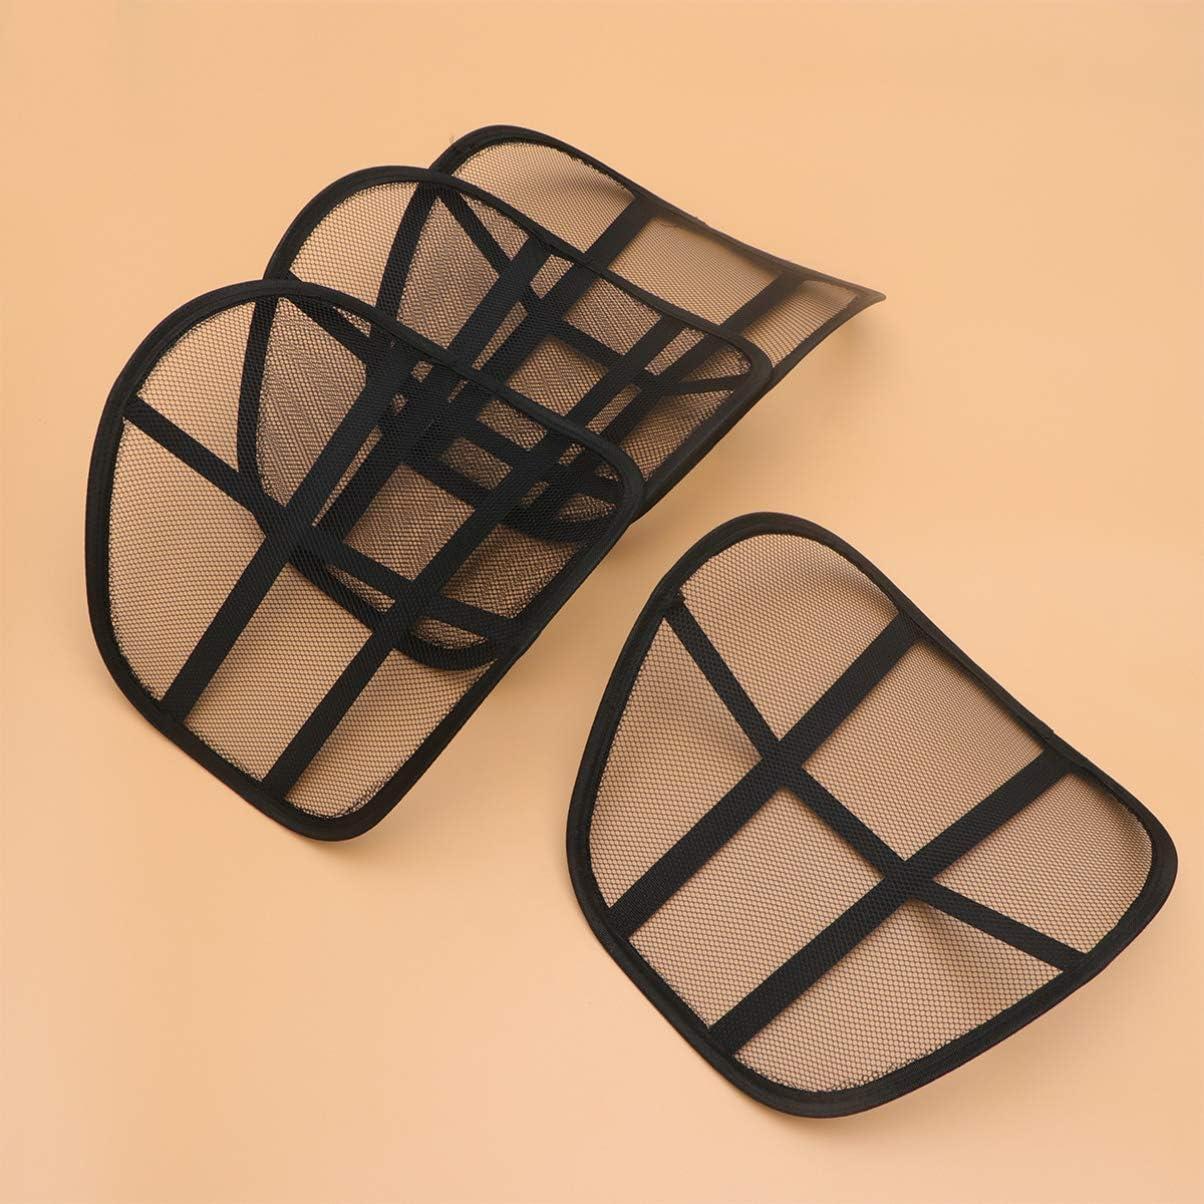 4 Unidades, Malla para Respaldo de Coche, Transpirable, c/ómodo y Transpirable HEALLILY Coj/ín Lumbar para Asiento de Coche